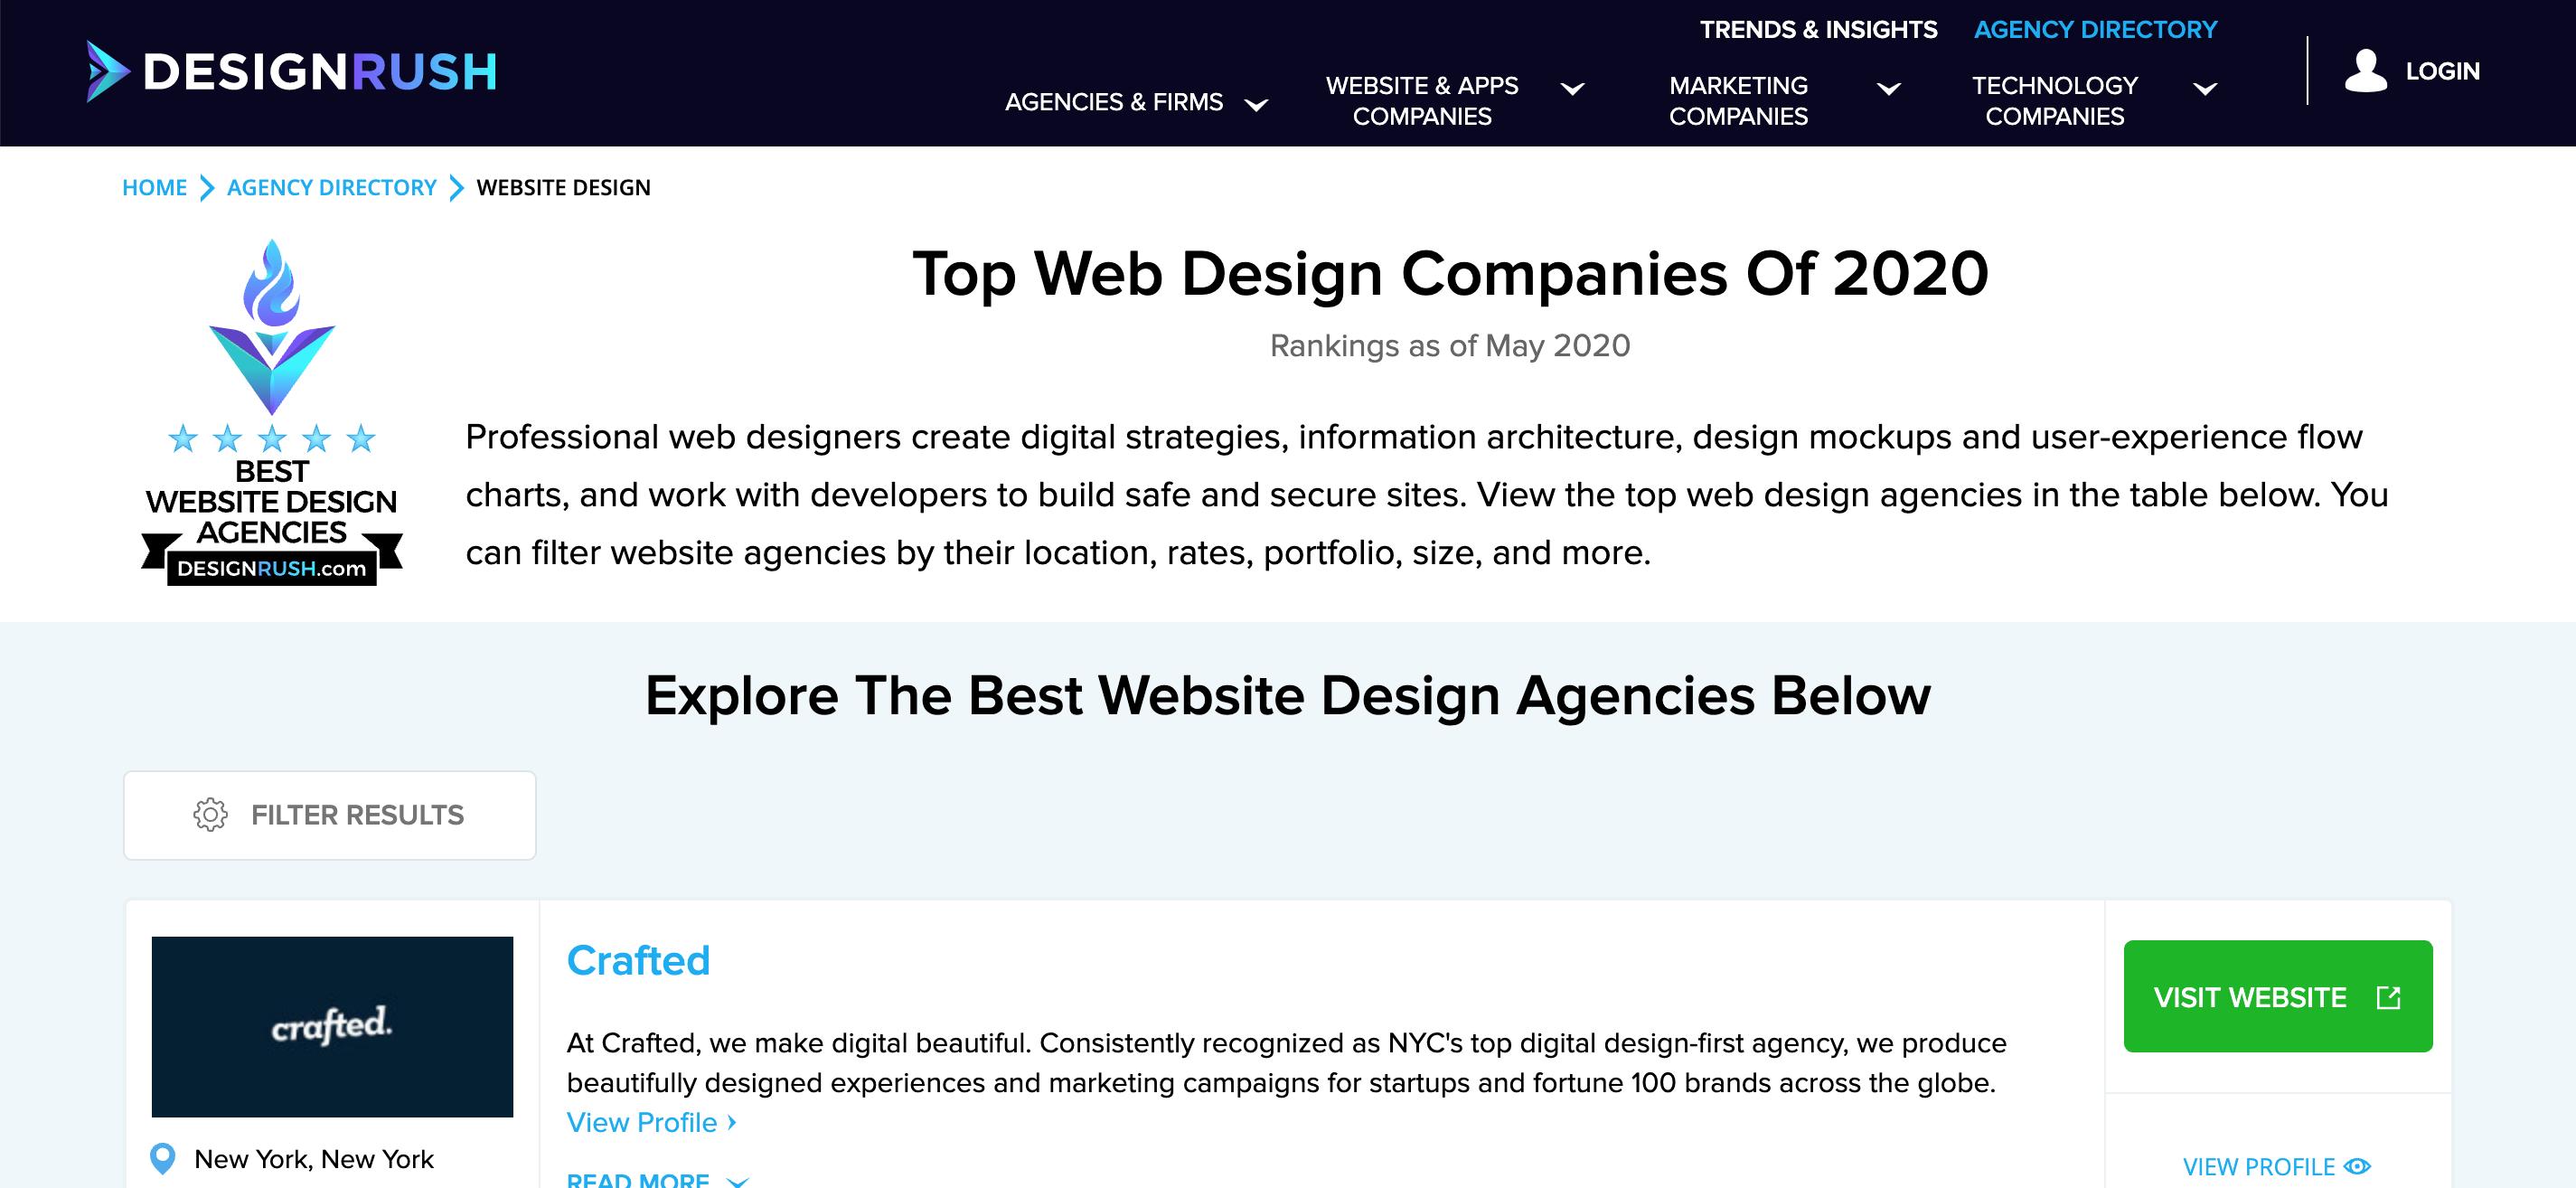 DesignRush's Website Design & Development Agency listing